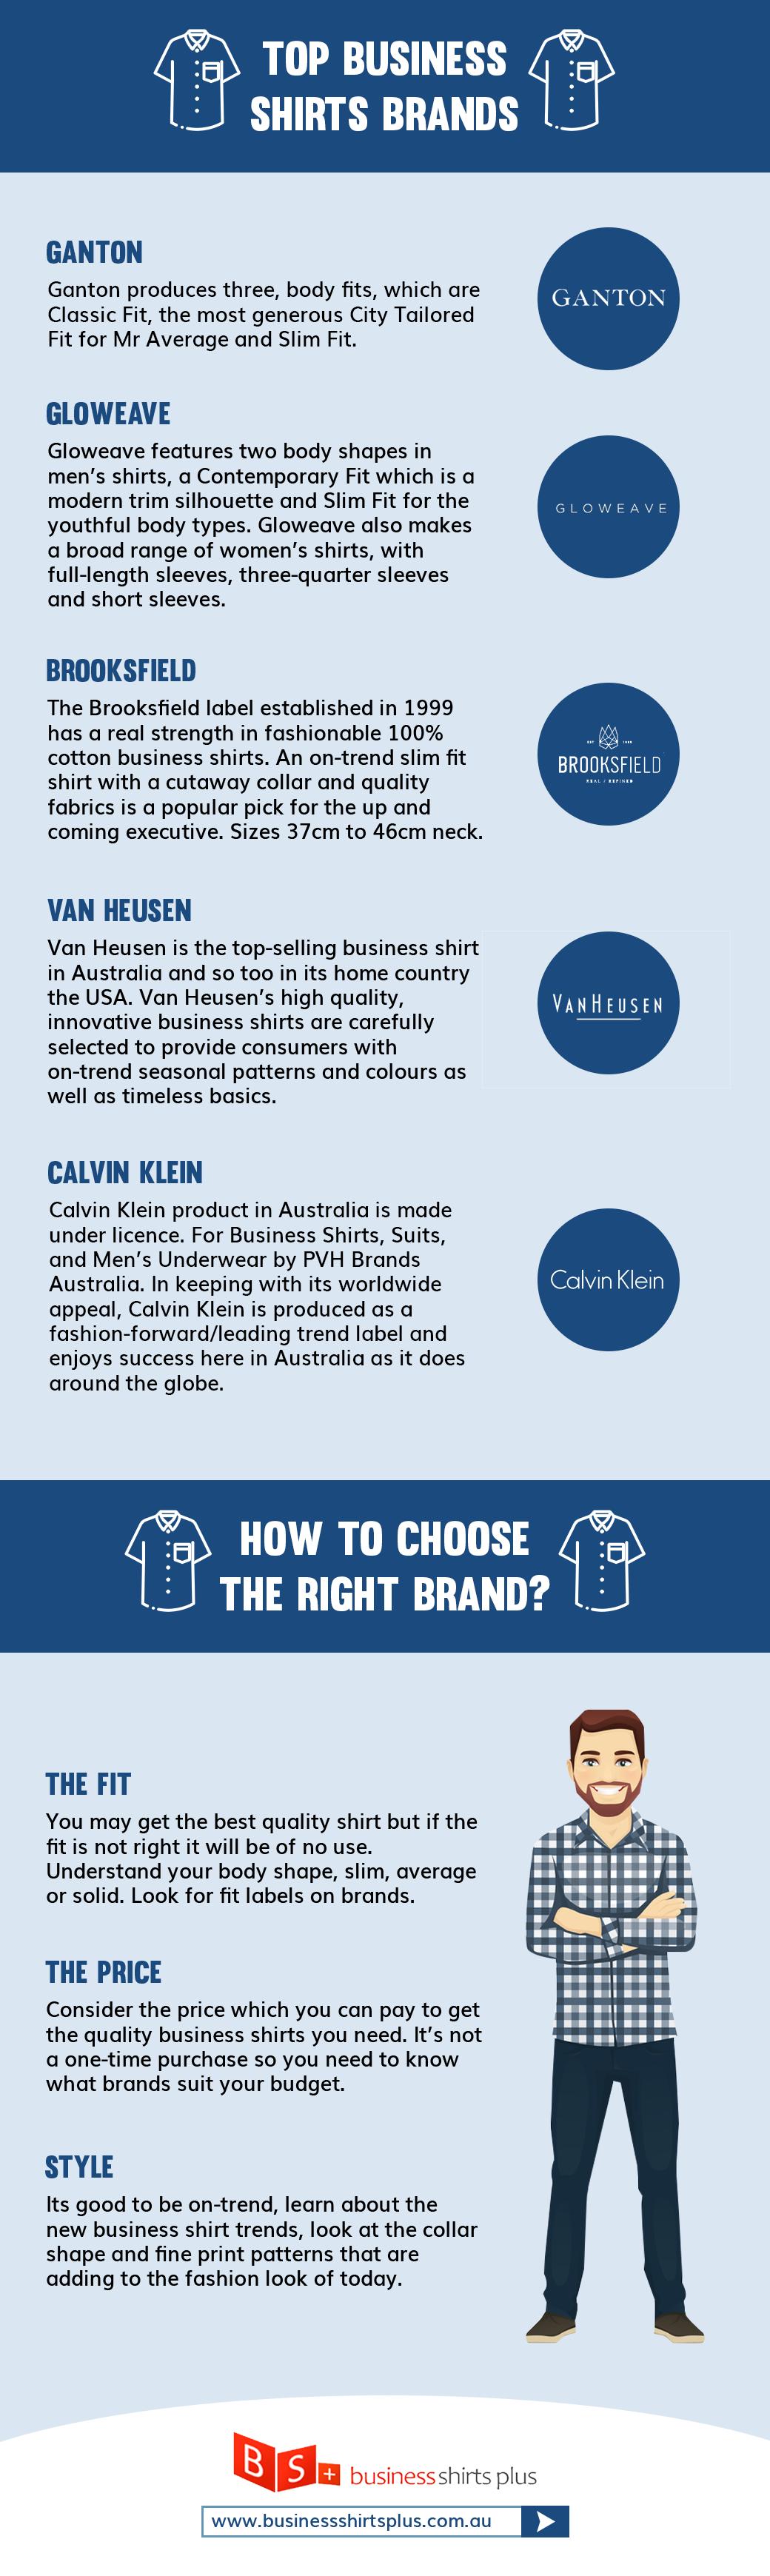 top business shirt brands